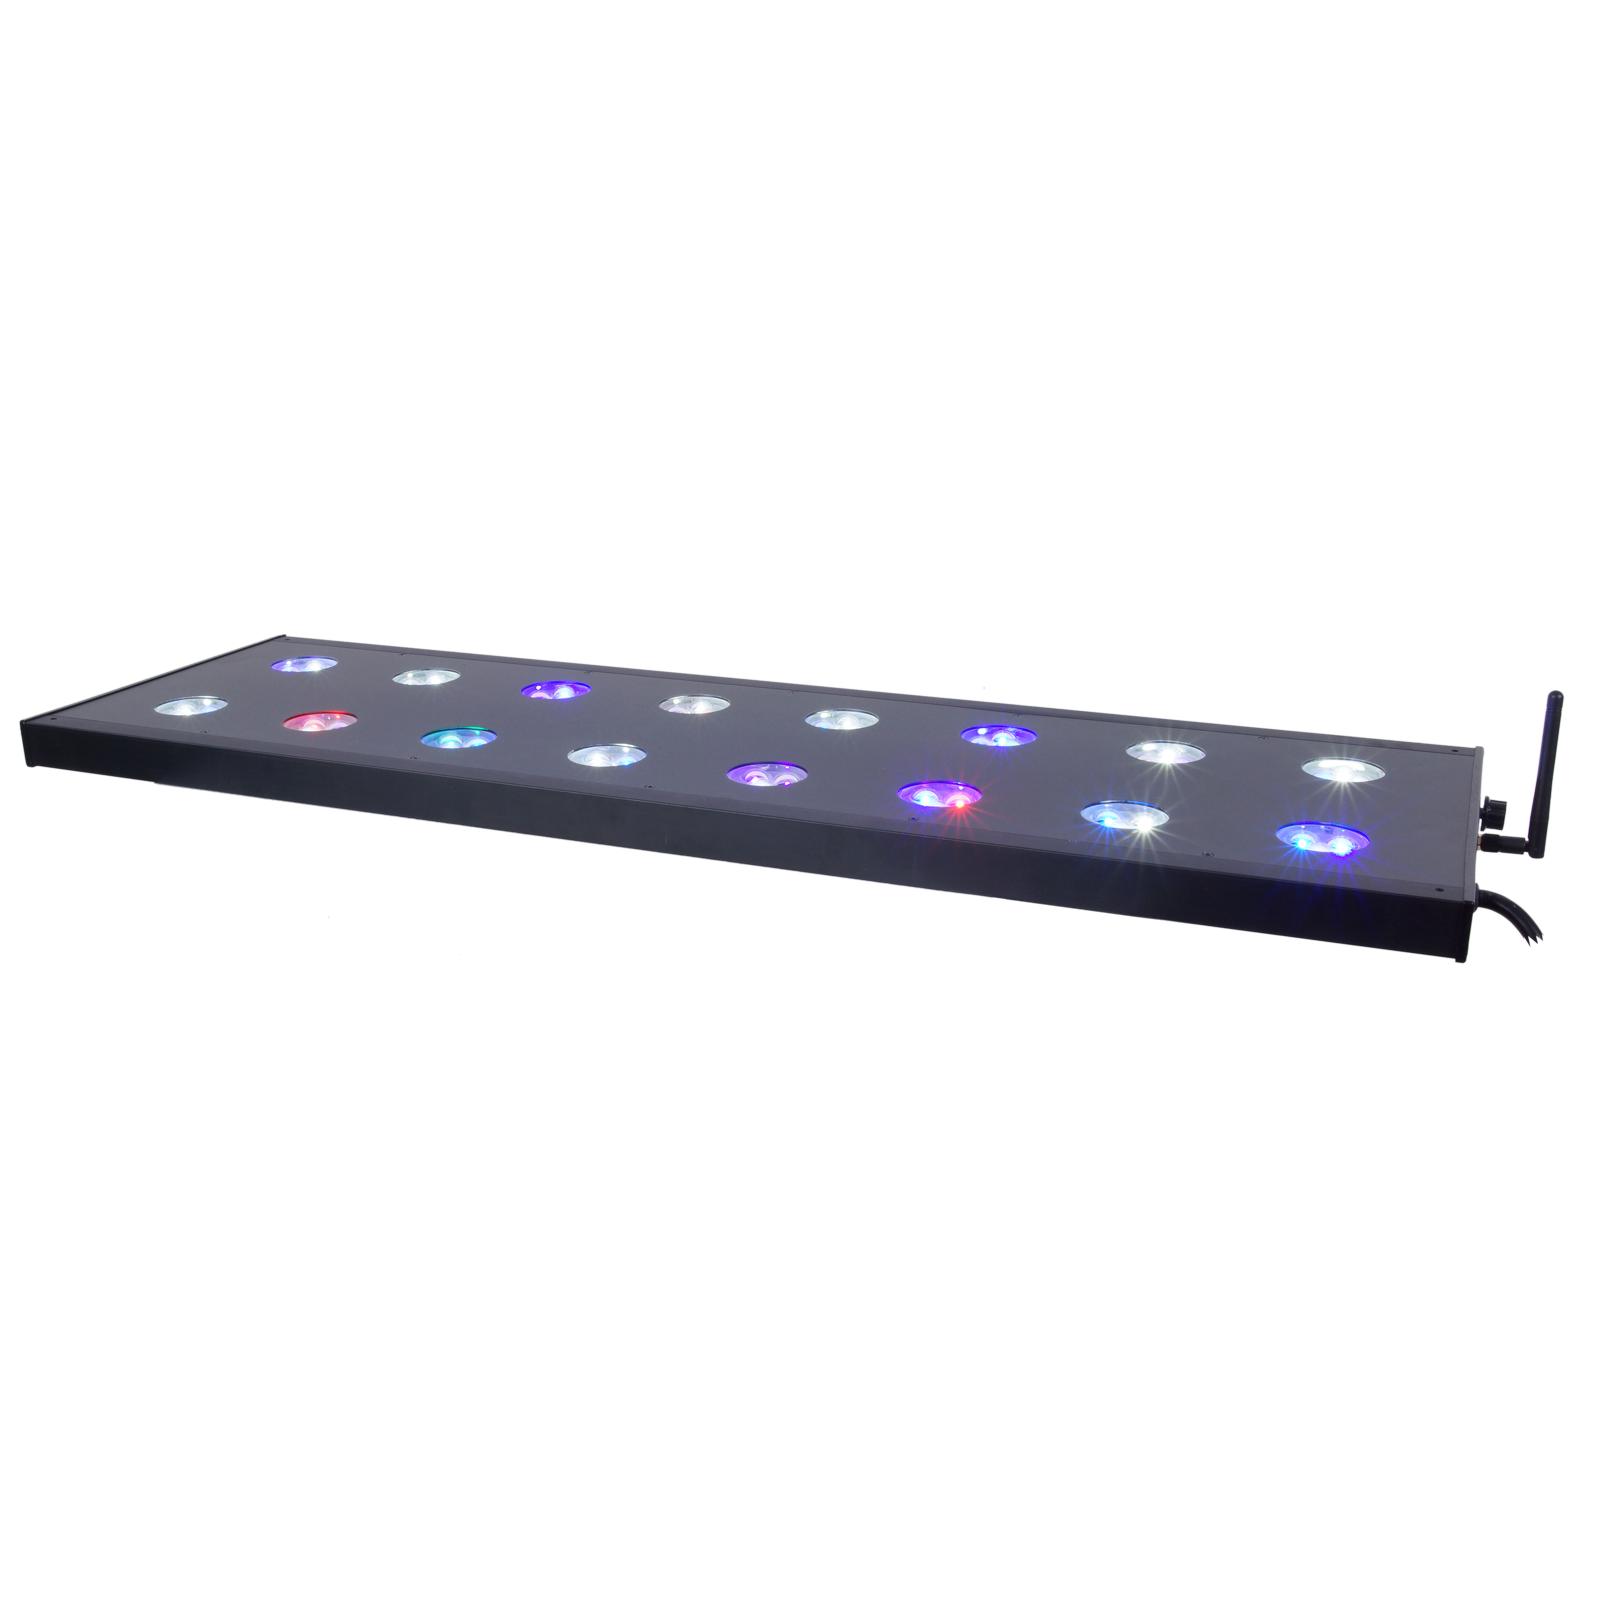 aqua medic spectrus 90 rampe leds 210w pour aquarium d 39 eau de mer et d 39 eau douce de 90 130 cm. Black Bedroom Furniture Sets. Home Design Ideas